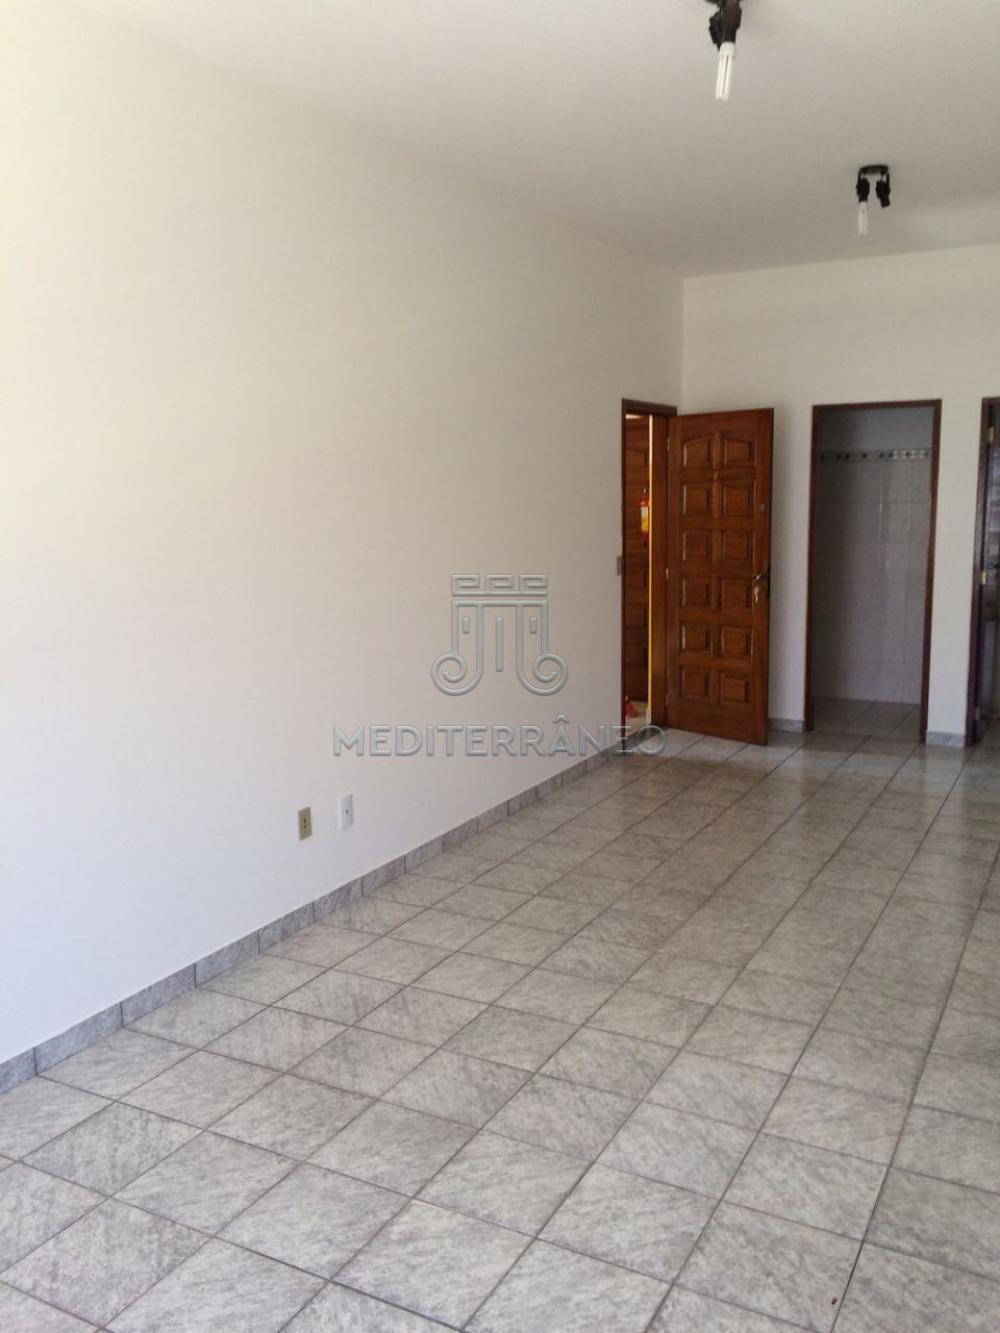 Alugar Comercial / Sala em Campo Limpo Paulista apenas R$ 700,00 - Foto 2